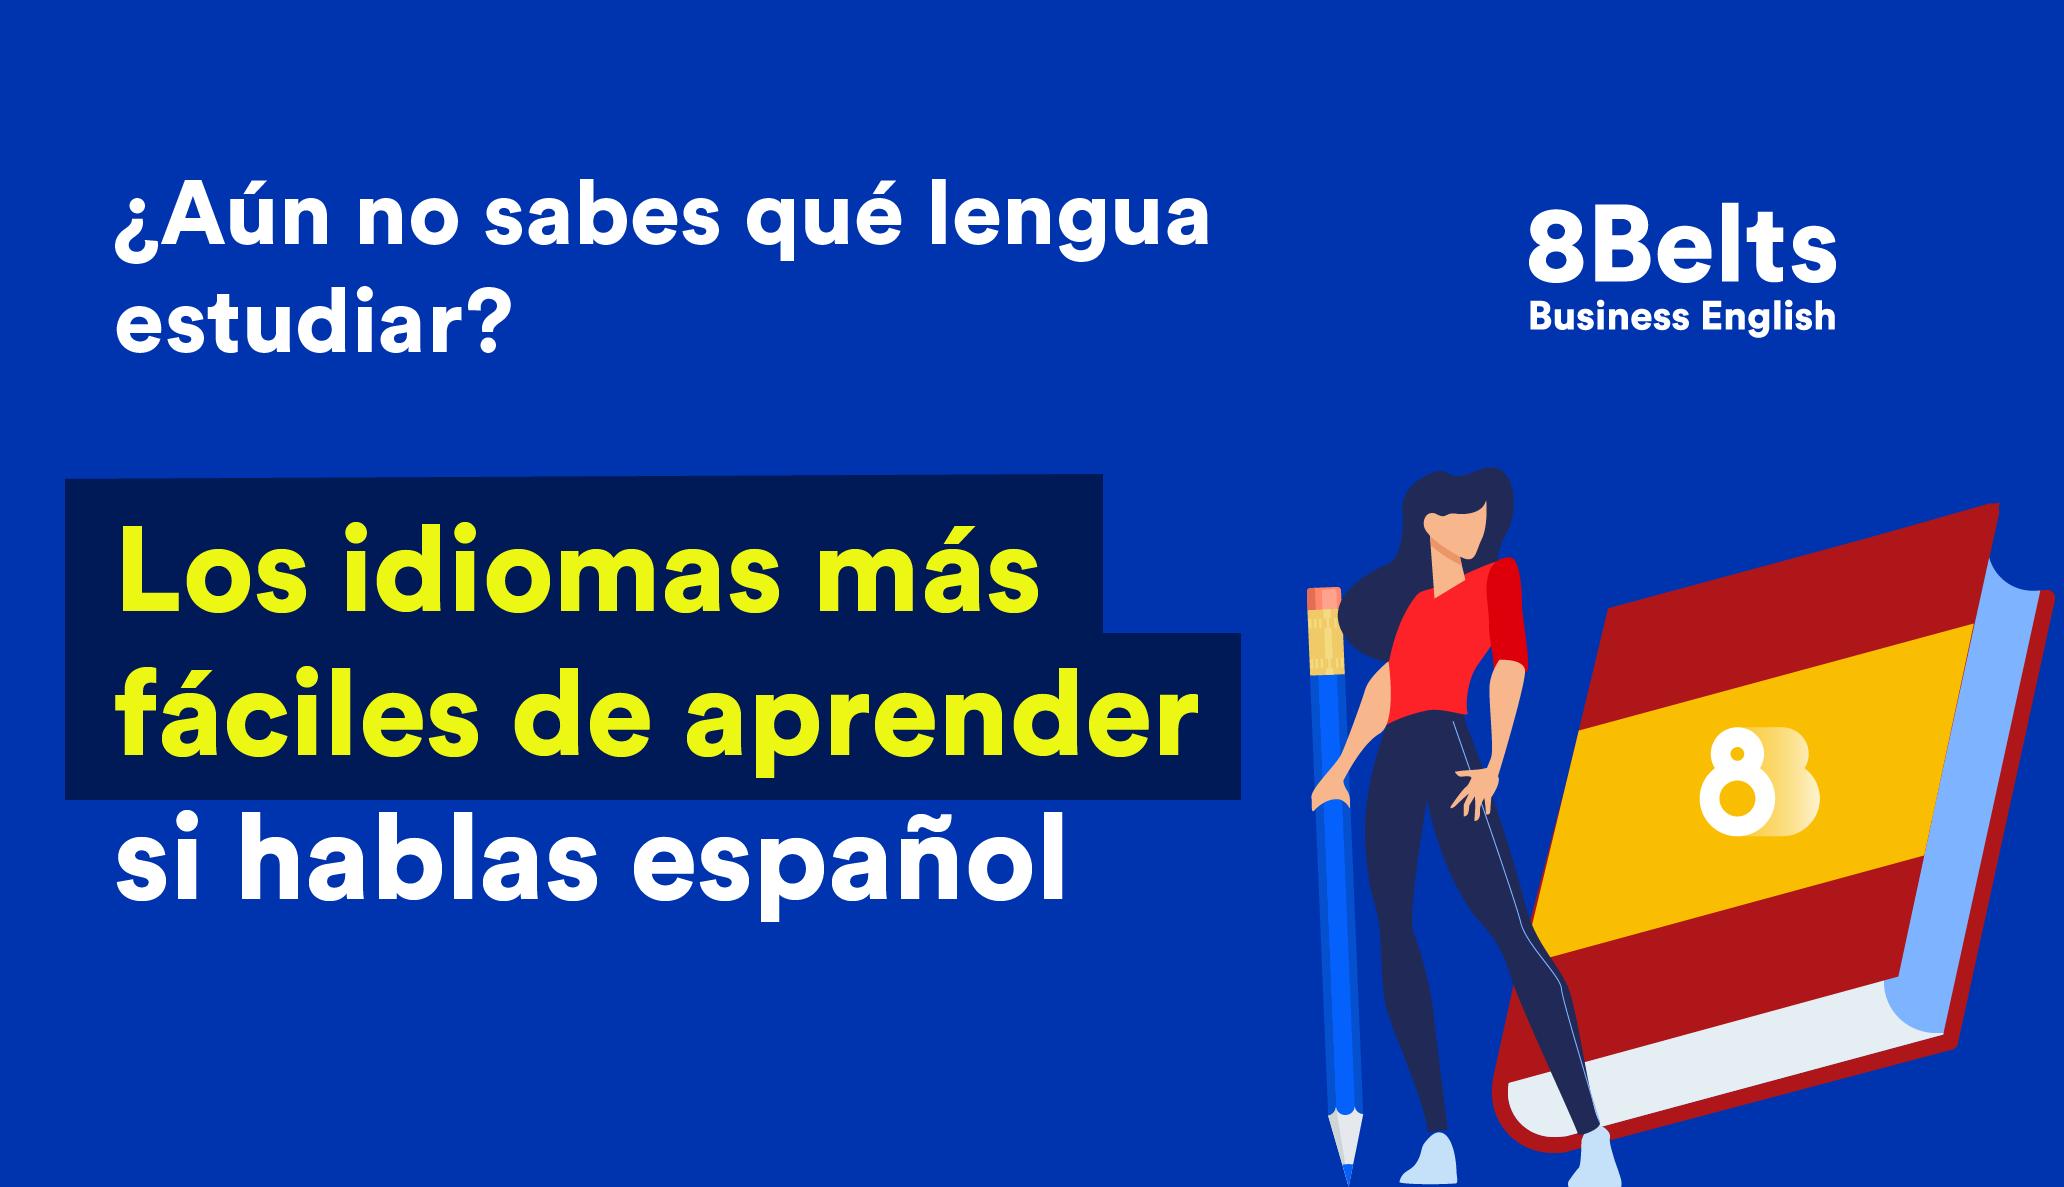 Los idiomas más fáciles de aprender para hispanohablantes - 8belts